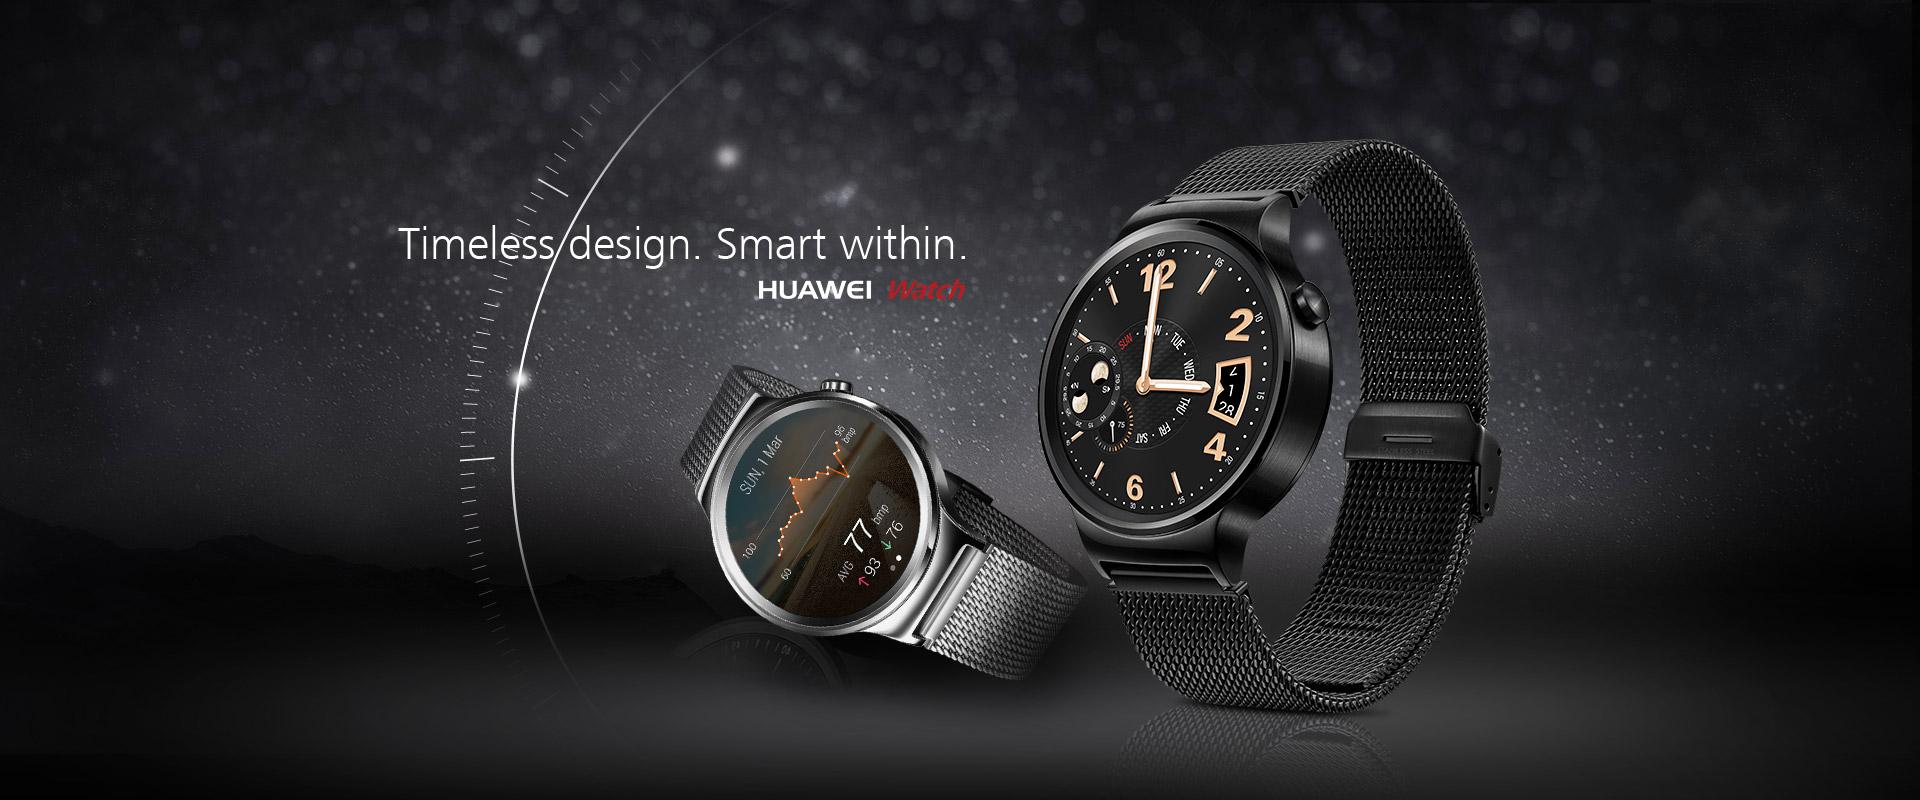 Huawei Watch : sa date de sortie et ses prix sont désormais officiels